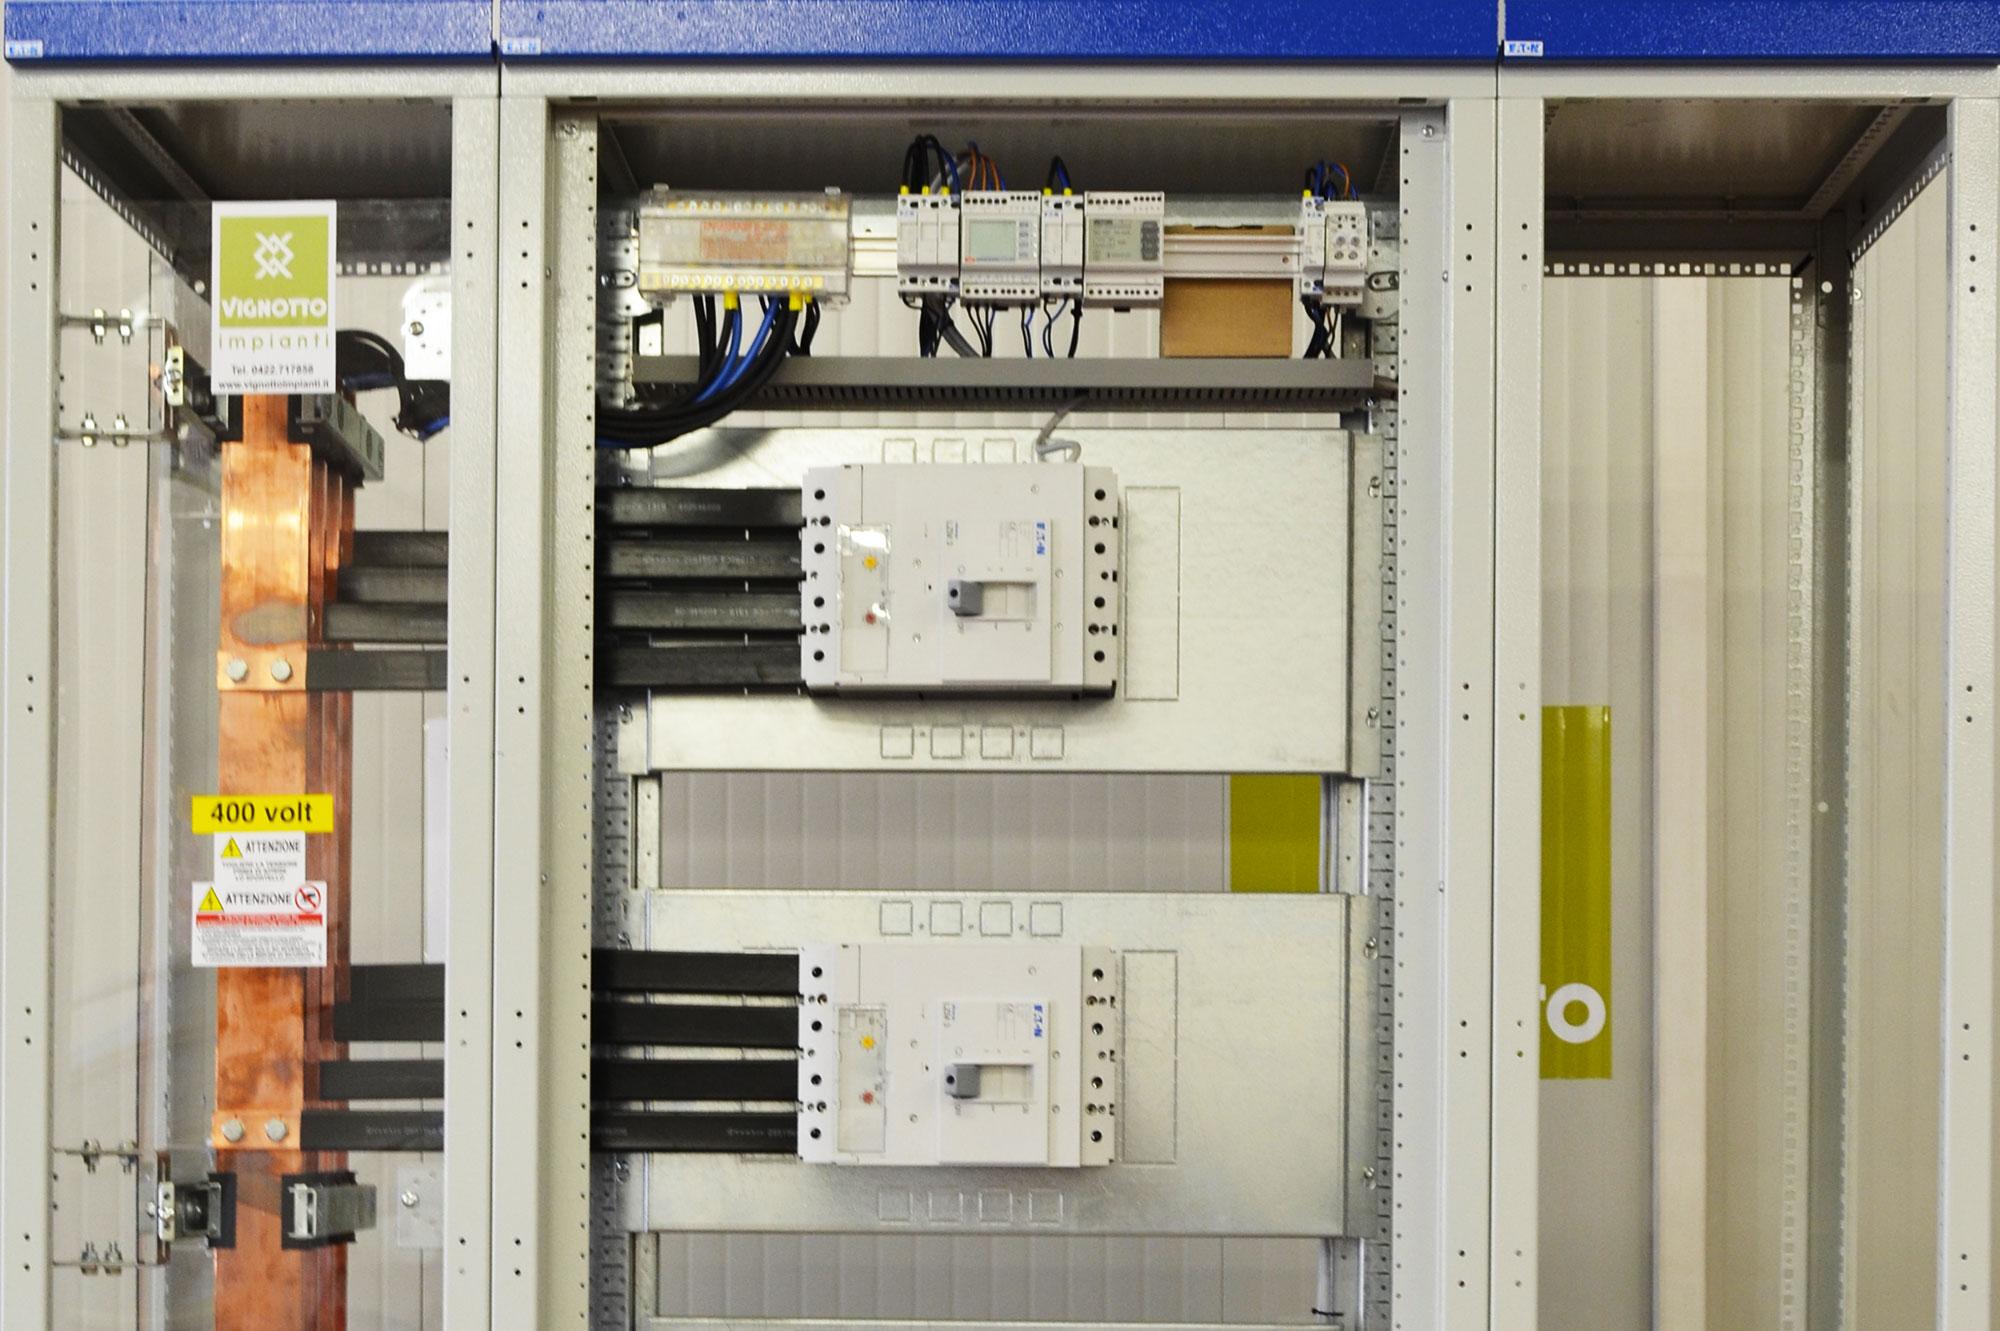 Schemi Elettrici Civili : Impianti elettrici u vignotto impianti srl